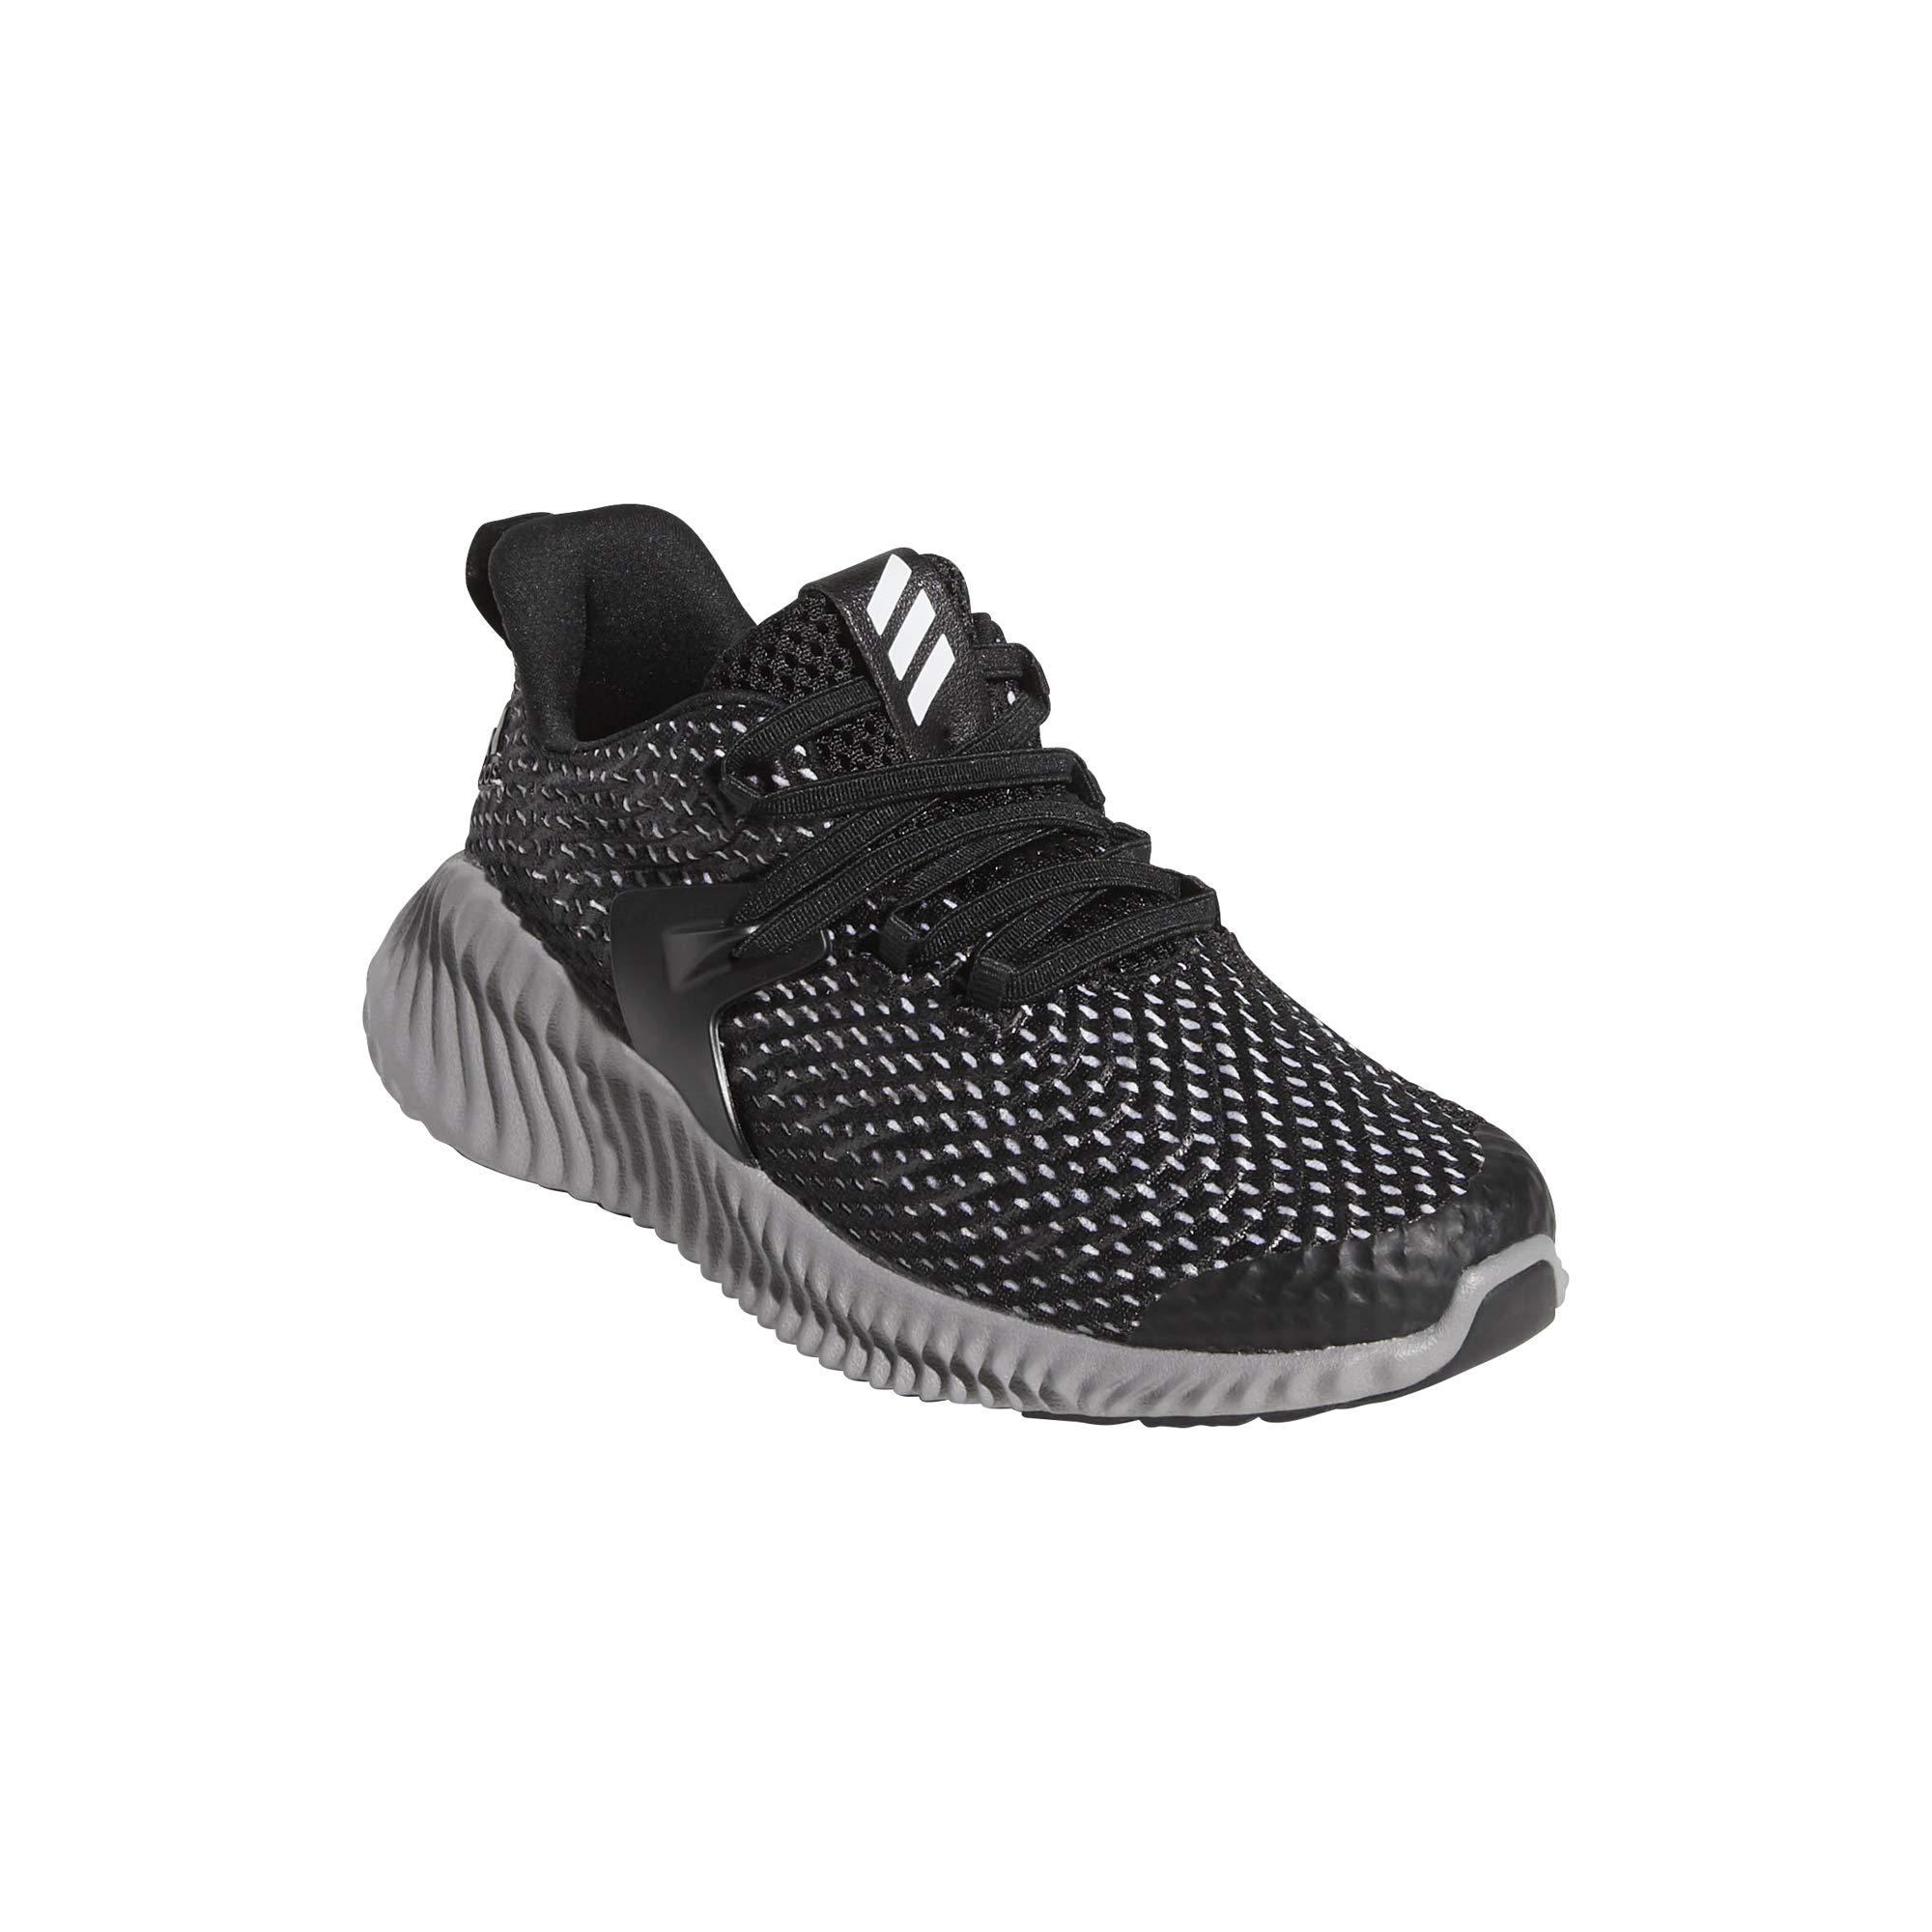 0f7bf07ddf161 adidas Chaussures Solardrive – Greater Adidas